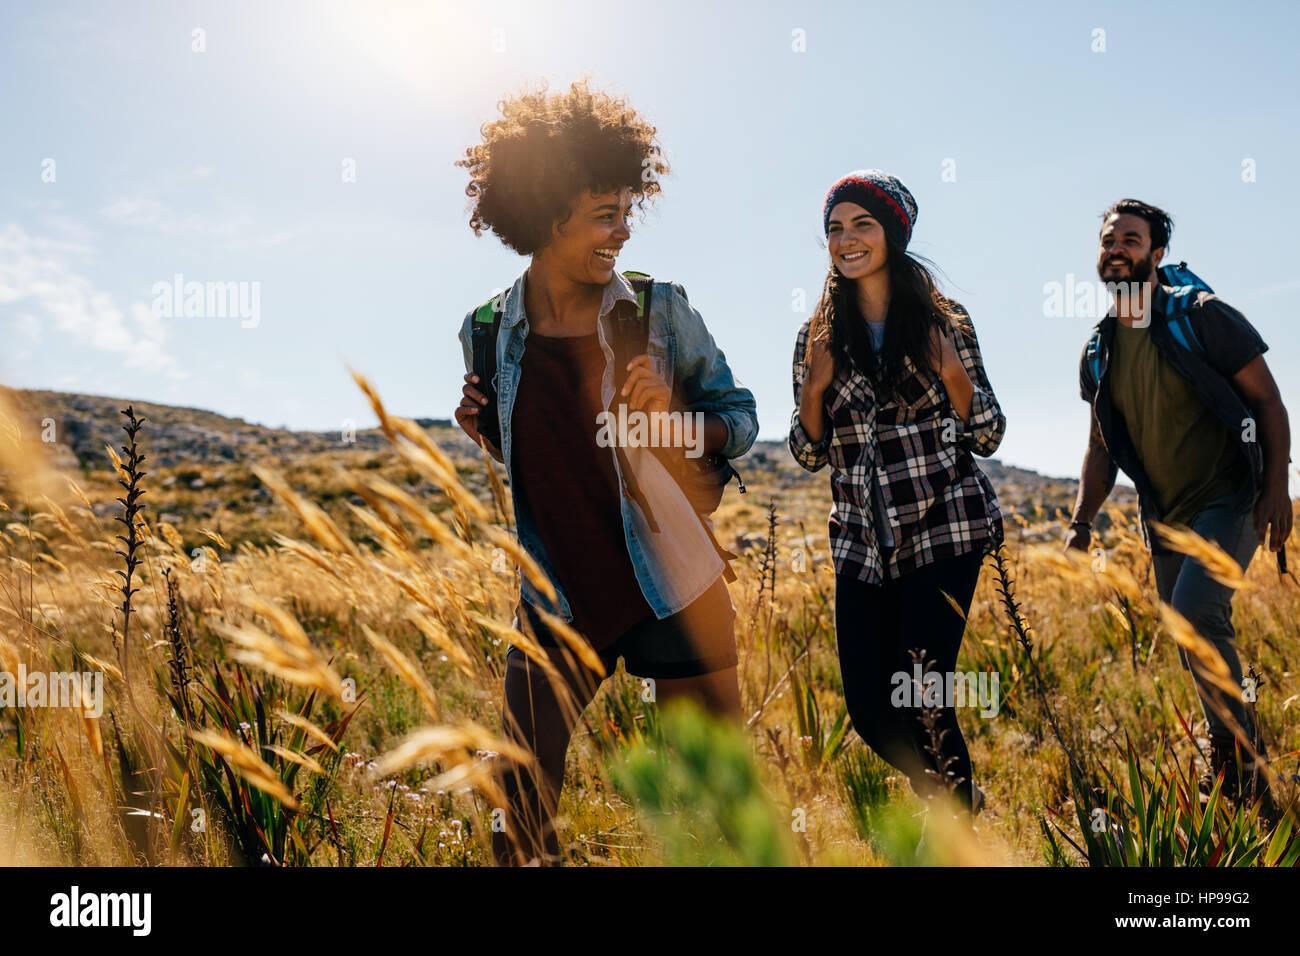 Feliz grupo de amigos senderismo juntos en un día de verano. Grupo de Amigos a pie a través de la campiña. Imagen De Stock